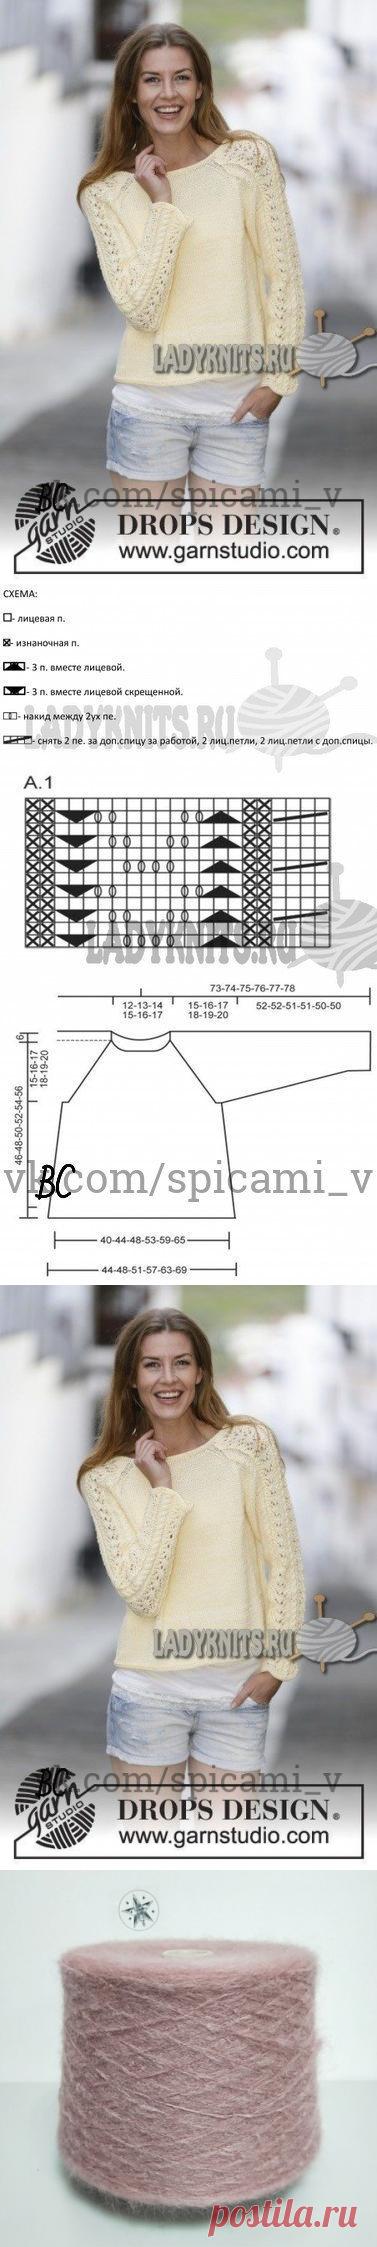 Нарядный, нежный джемпер спицами c ажурными рукавами реглан (Вязание спицами) – Журнал Вдохновение Рукодельницы